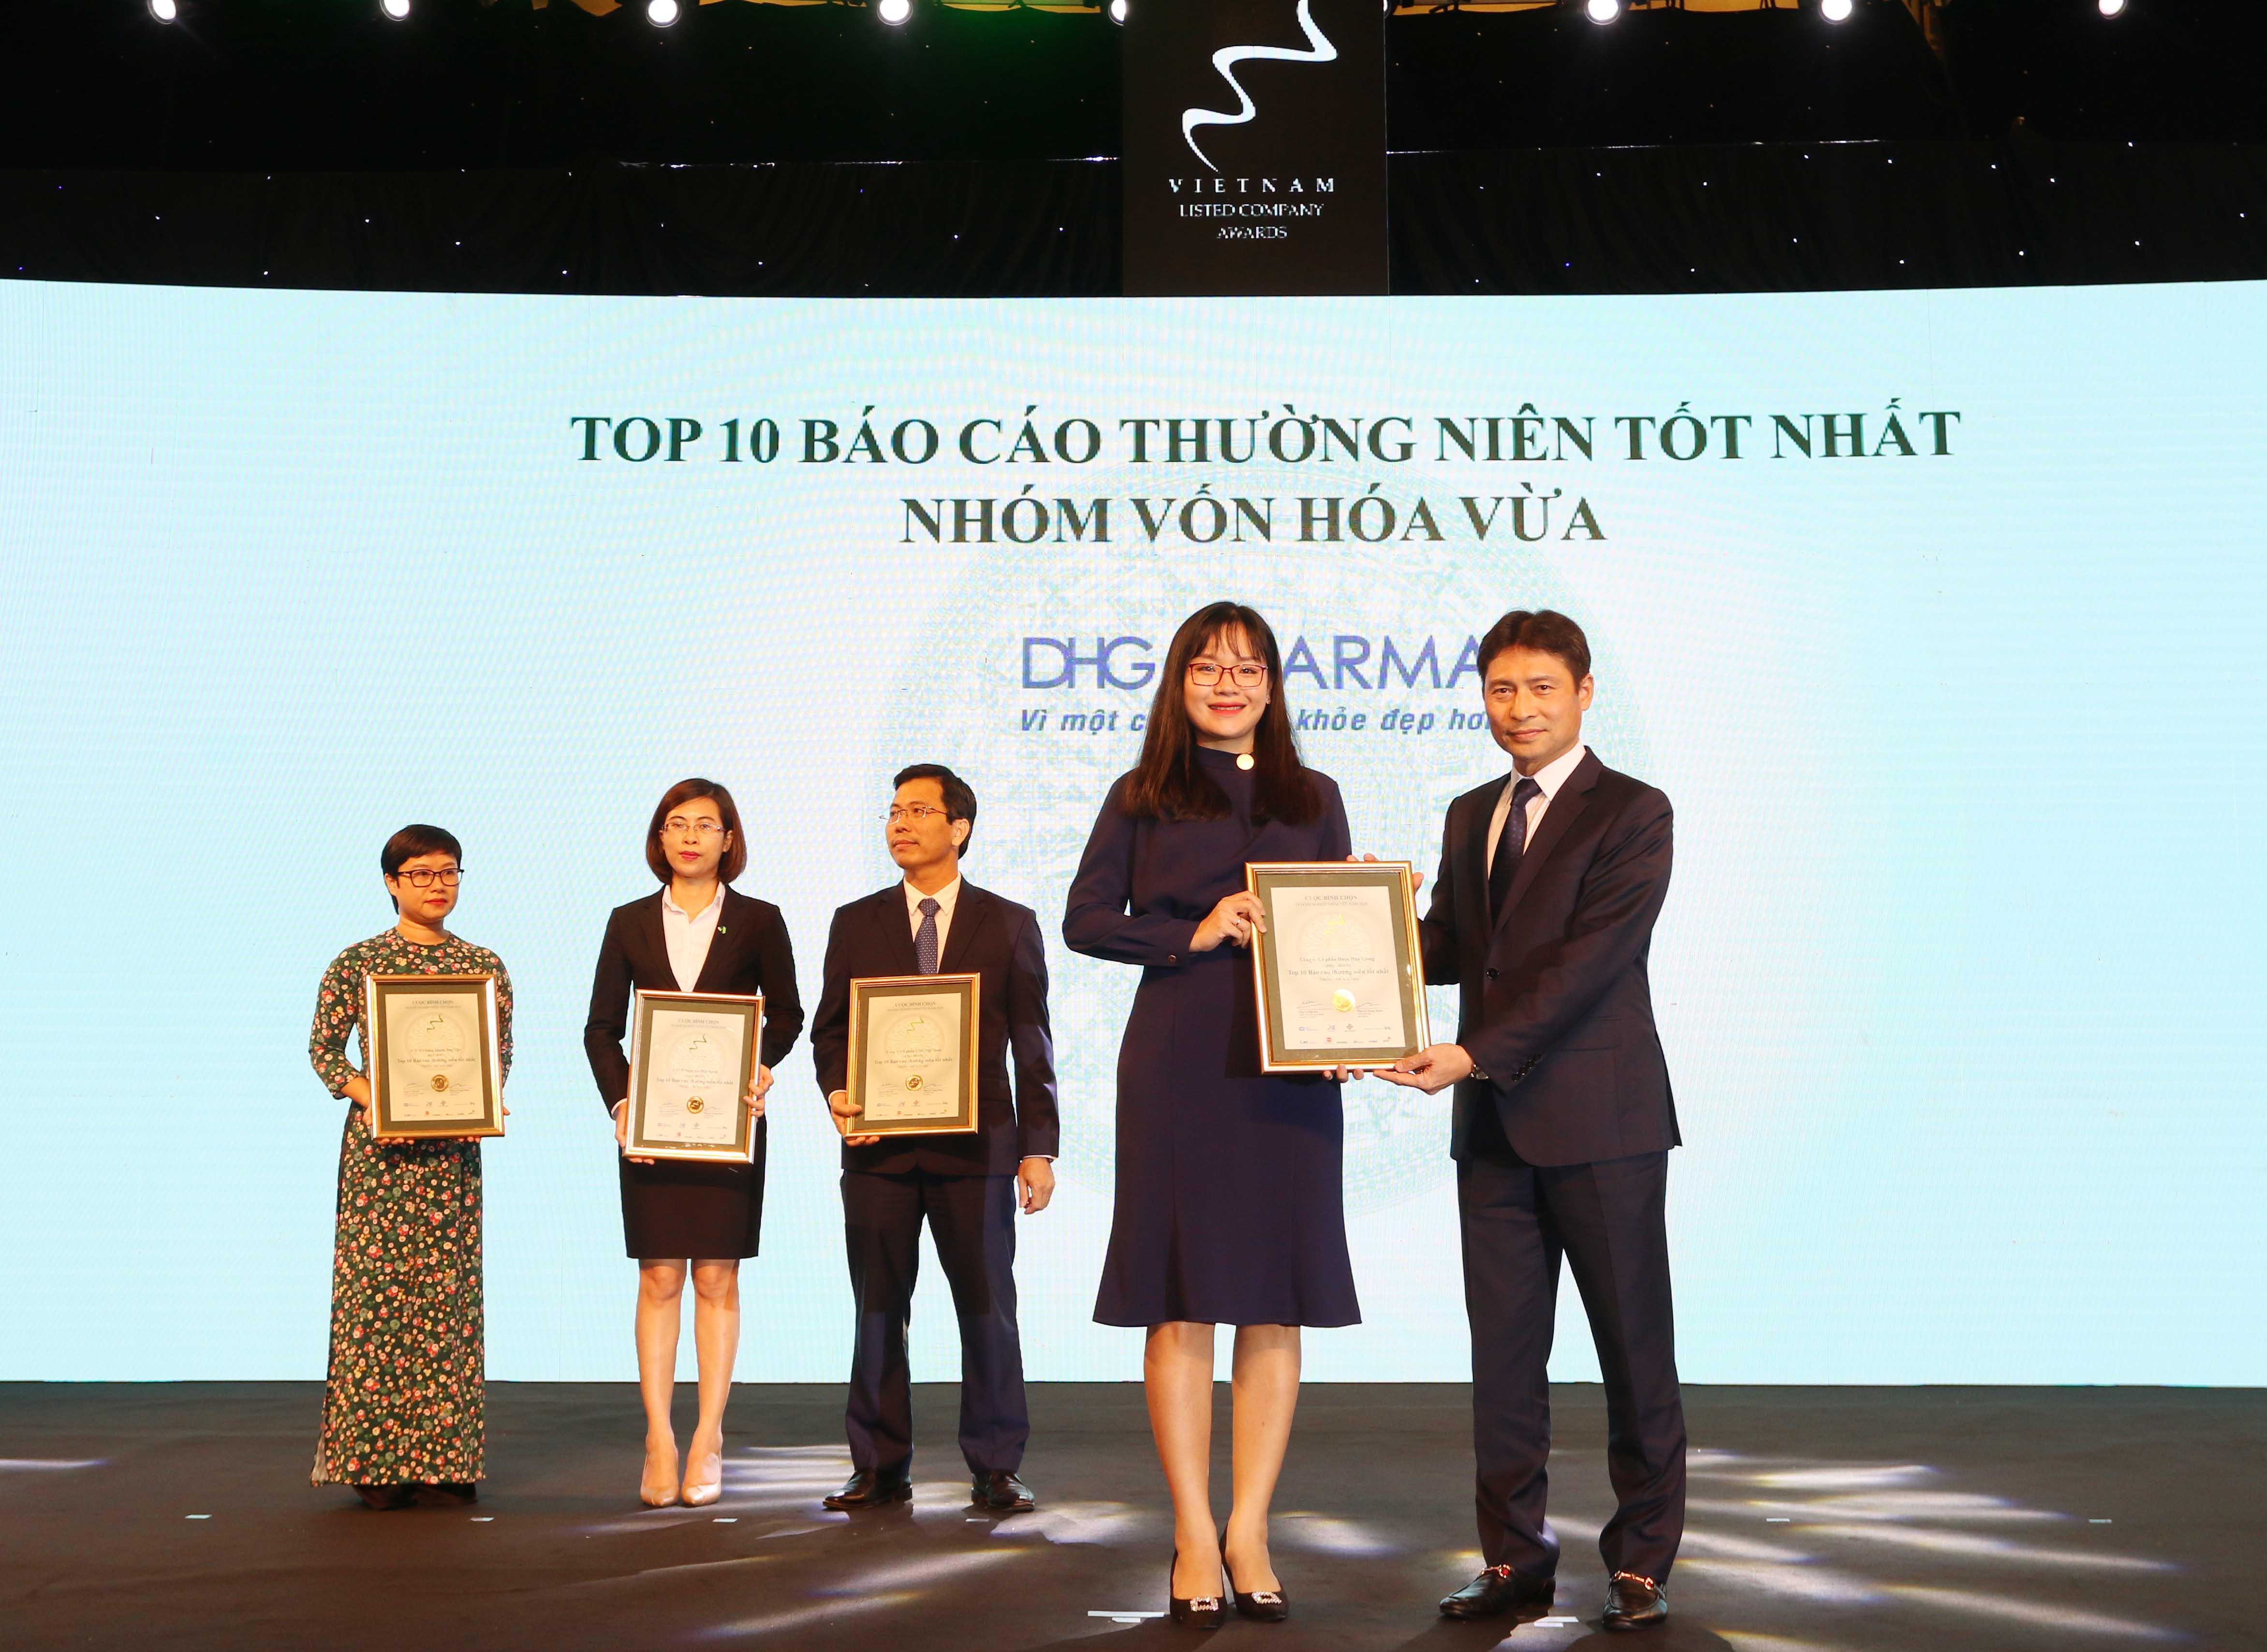 https://www.aravietnam.vn/wp-content/uploads/2020/12/23_Dại-diện-CTCP-Dược-Hậu-Giang-TOP-10-NNNY-nhóm-vốn-hóa-vừa-có-BCTN-tốt-nhất.jpg